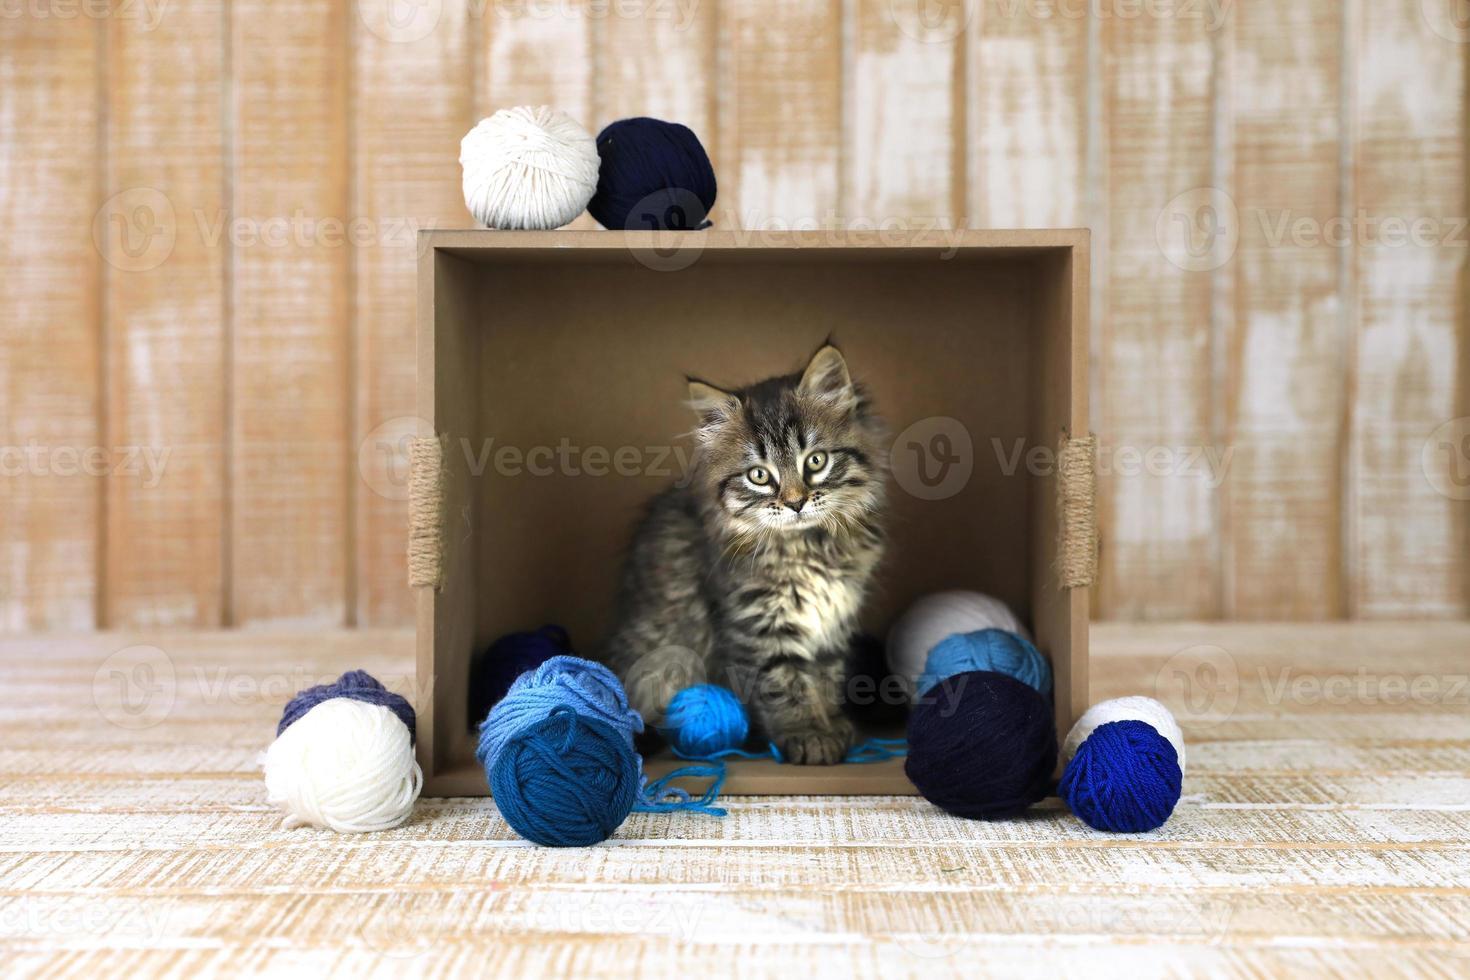 Kätzchen in einer Schachtel mit blau-weißem Garn foto